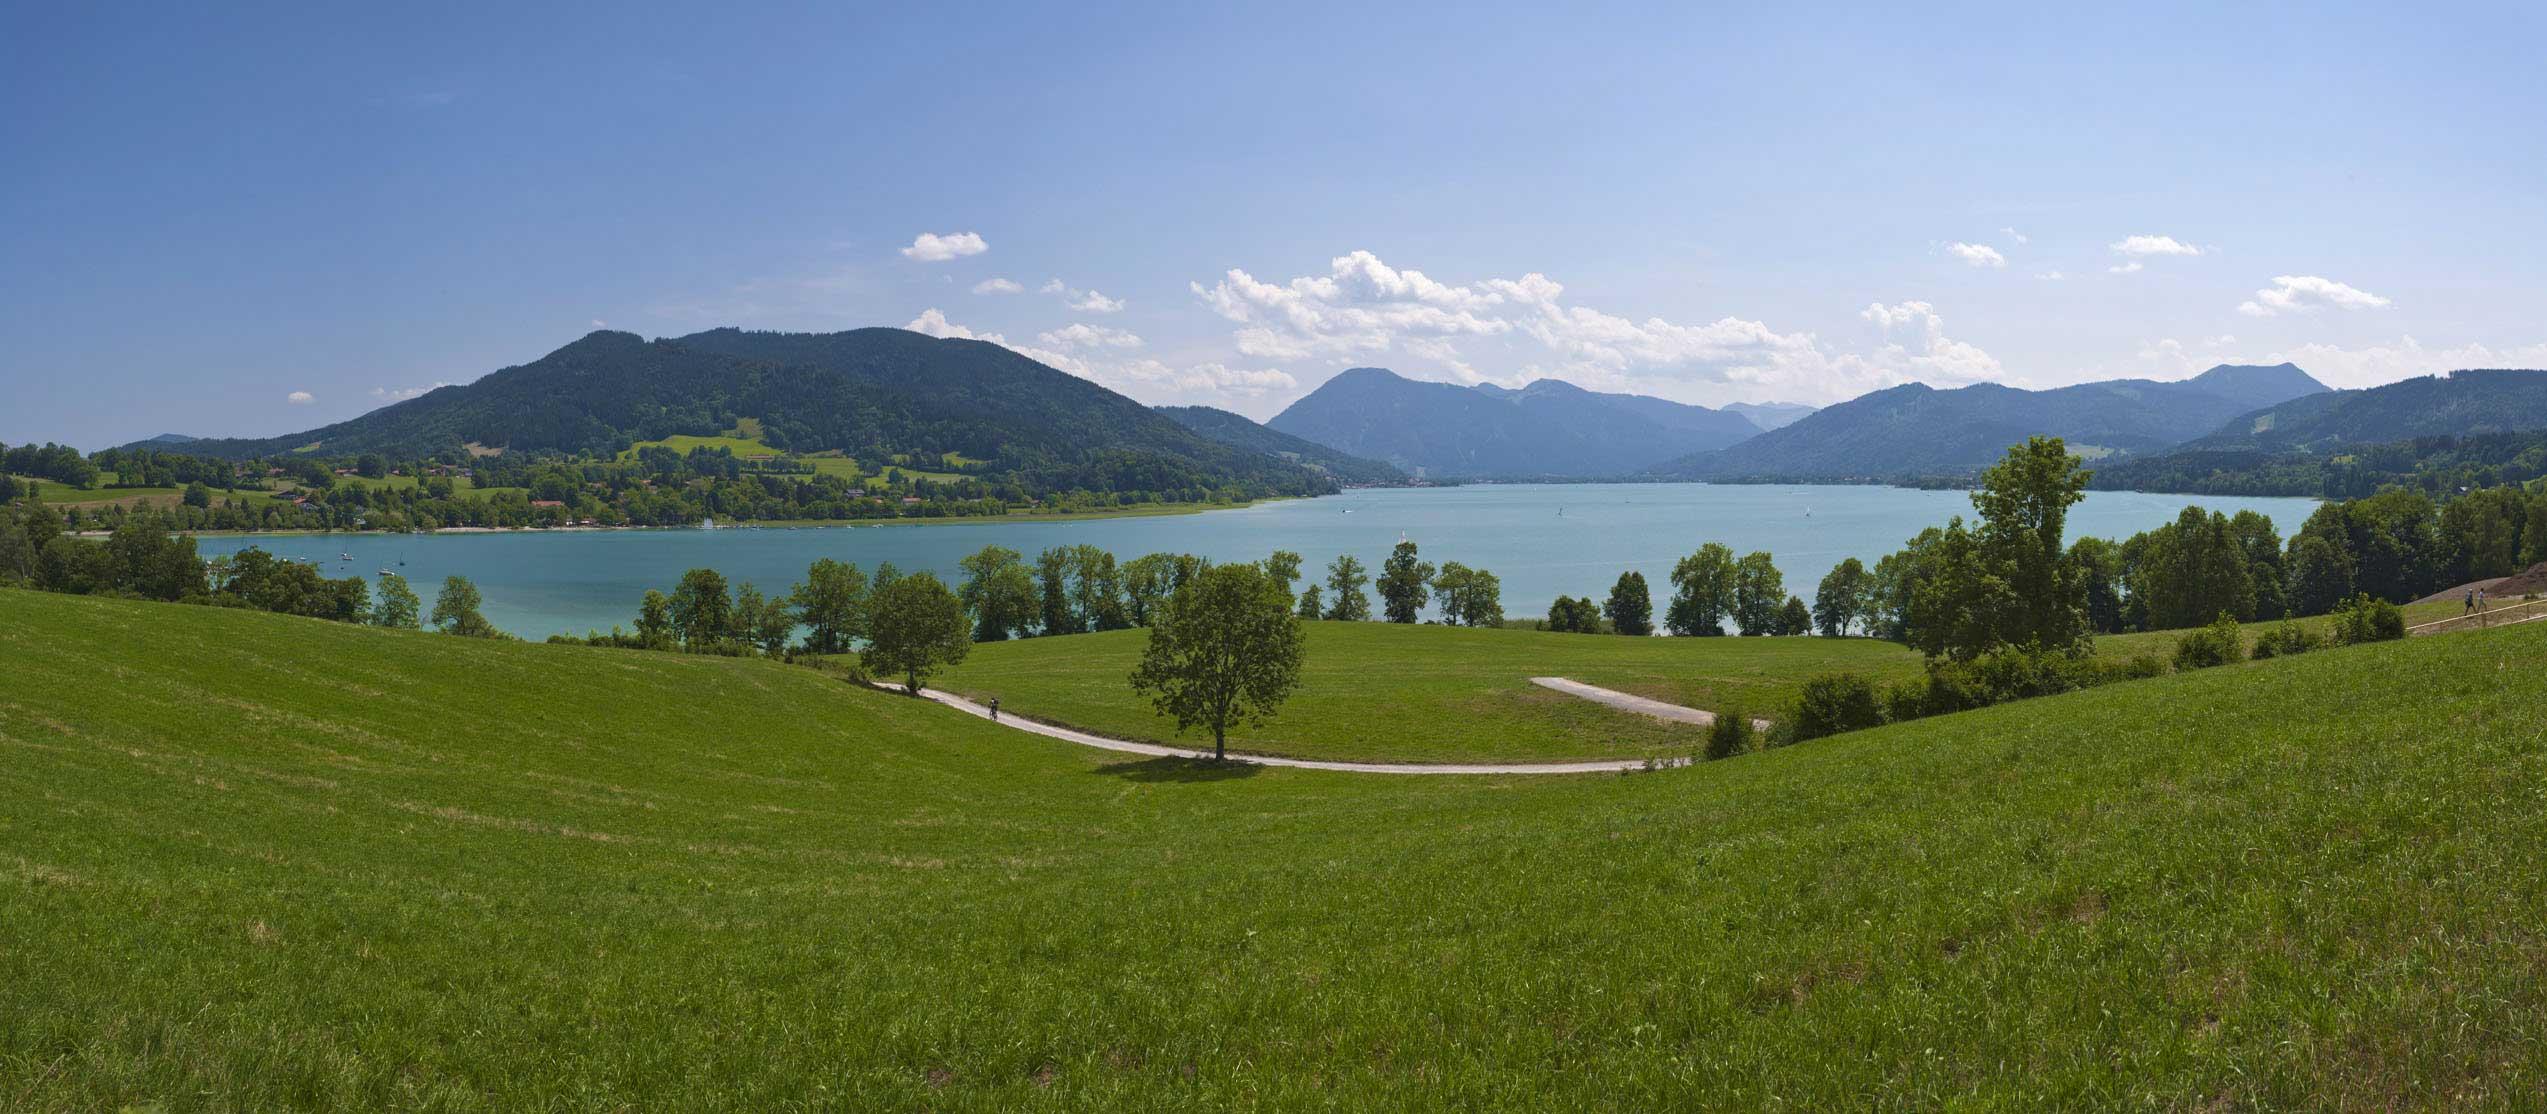 Bayerische-Alpen_Tegernsee_Ausblick_3